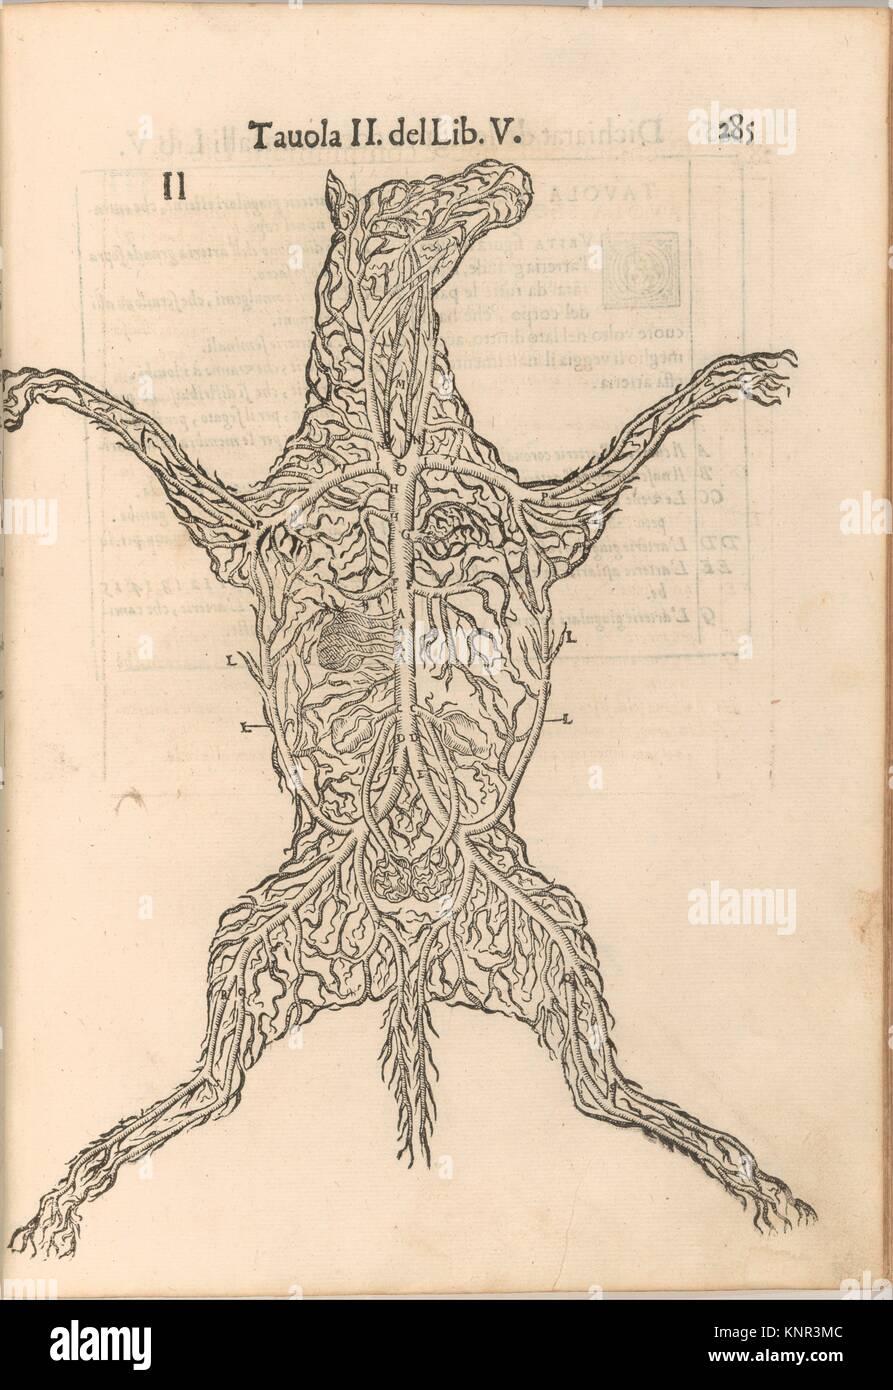 Anatomia del Cavallo. Infirmita del Cavallo. Autore: scritto da Carlo Ruini; stampante: stampato da A. Bindoni il Immagini Stock